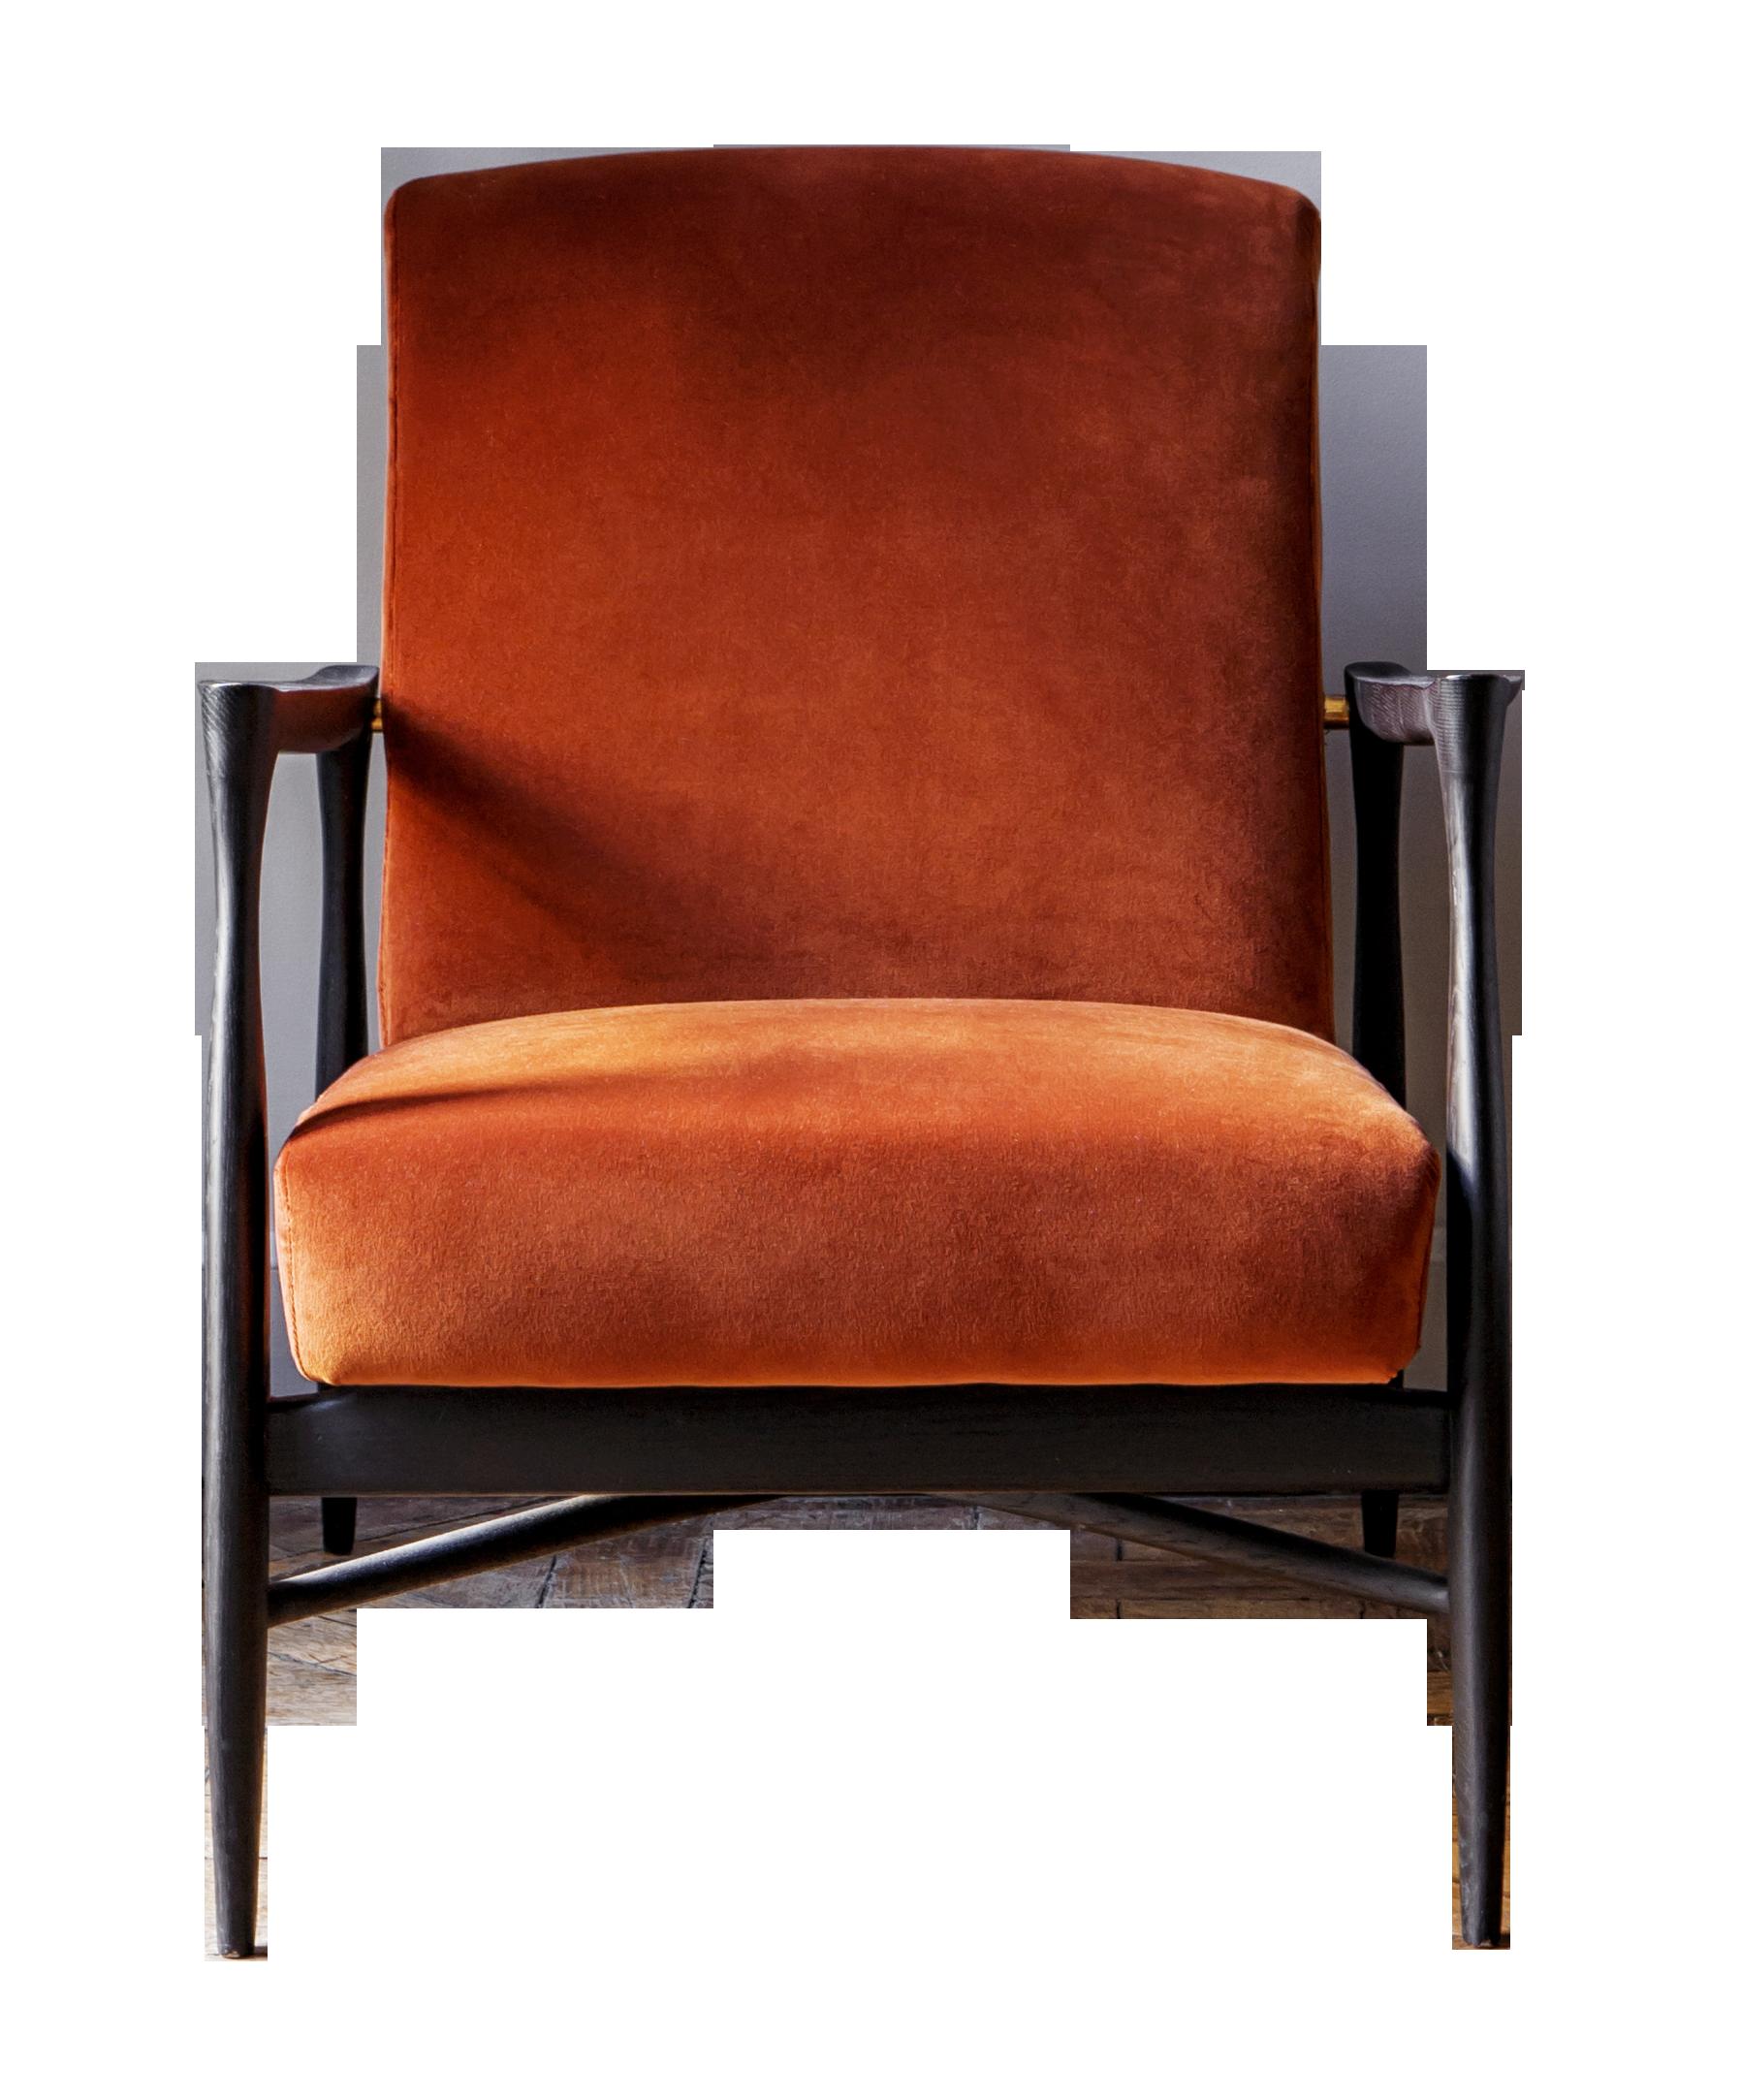 fauteuil floating noir mat de red edition 4 coloris. Black Bedroom Furniture Sets. Home Design Ideas